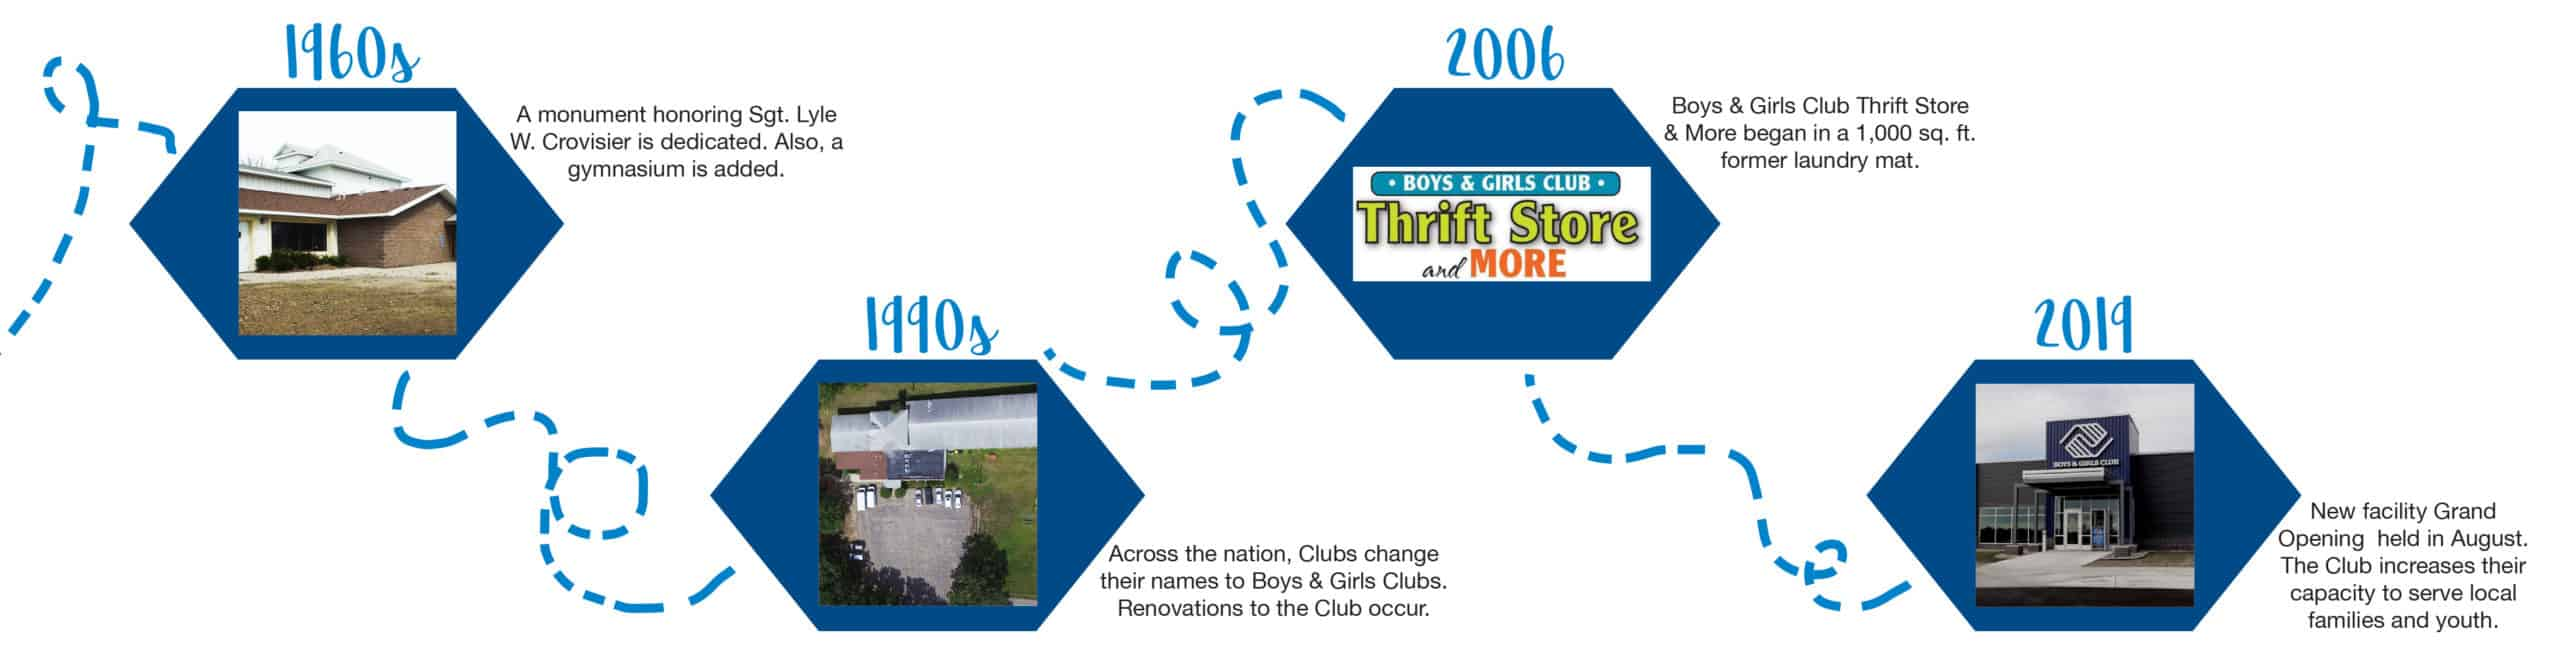 Boy & Girls Club History Timeline #2